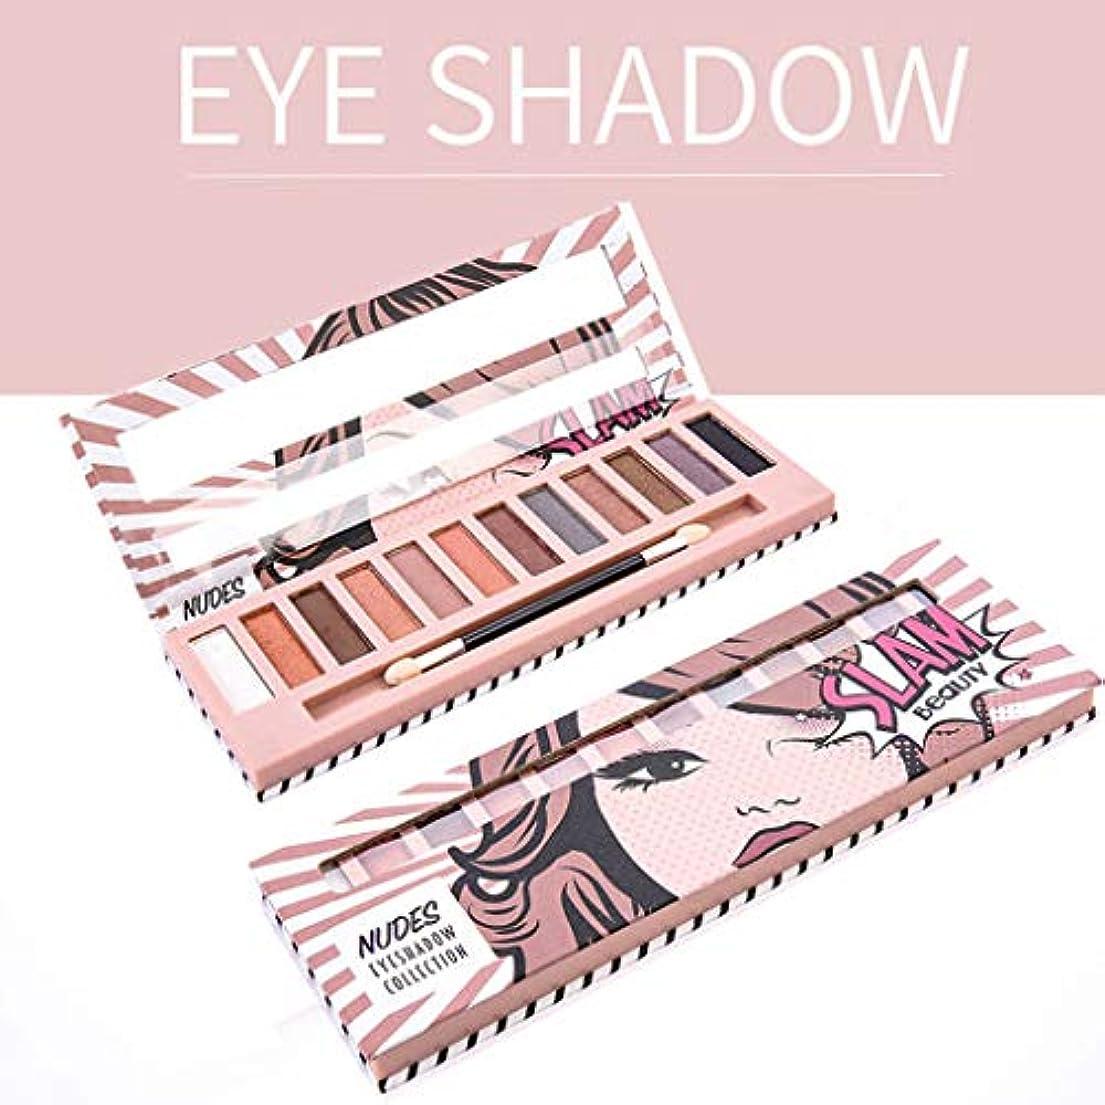 ひそかに反論のスコアAkane アイシャドウパレット NUDES Slam Beauty 綺麗 マット 可愛い ファッション おしゃれ 人気 長持ち 持ち便利 Eye Shadow (12色)